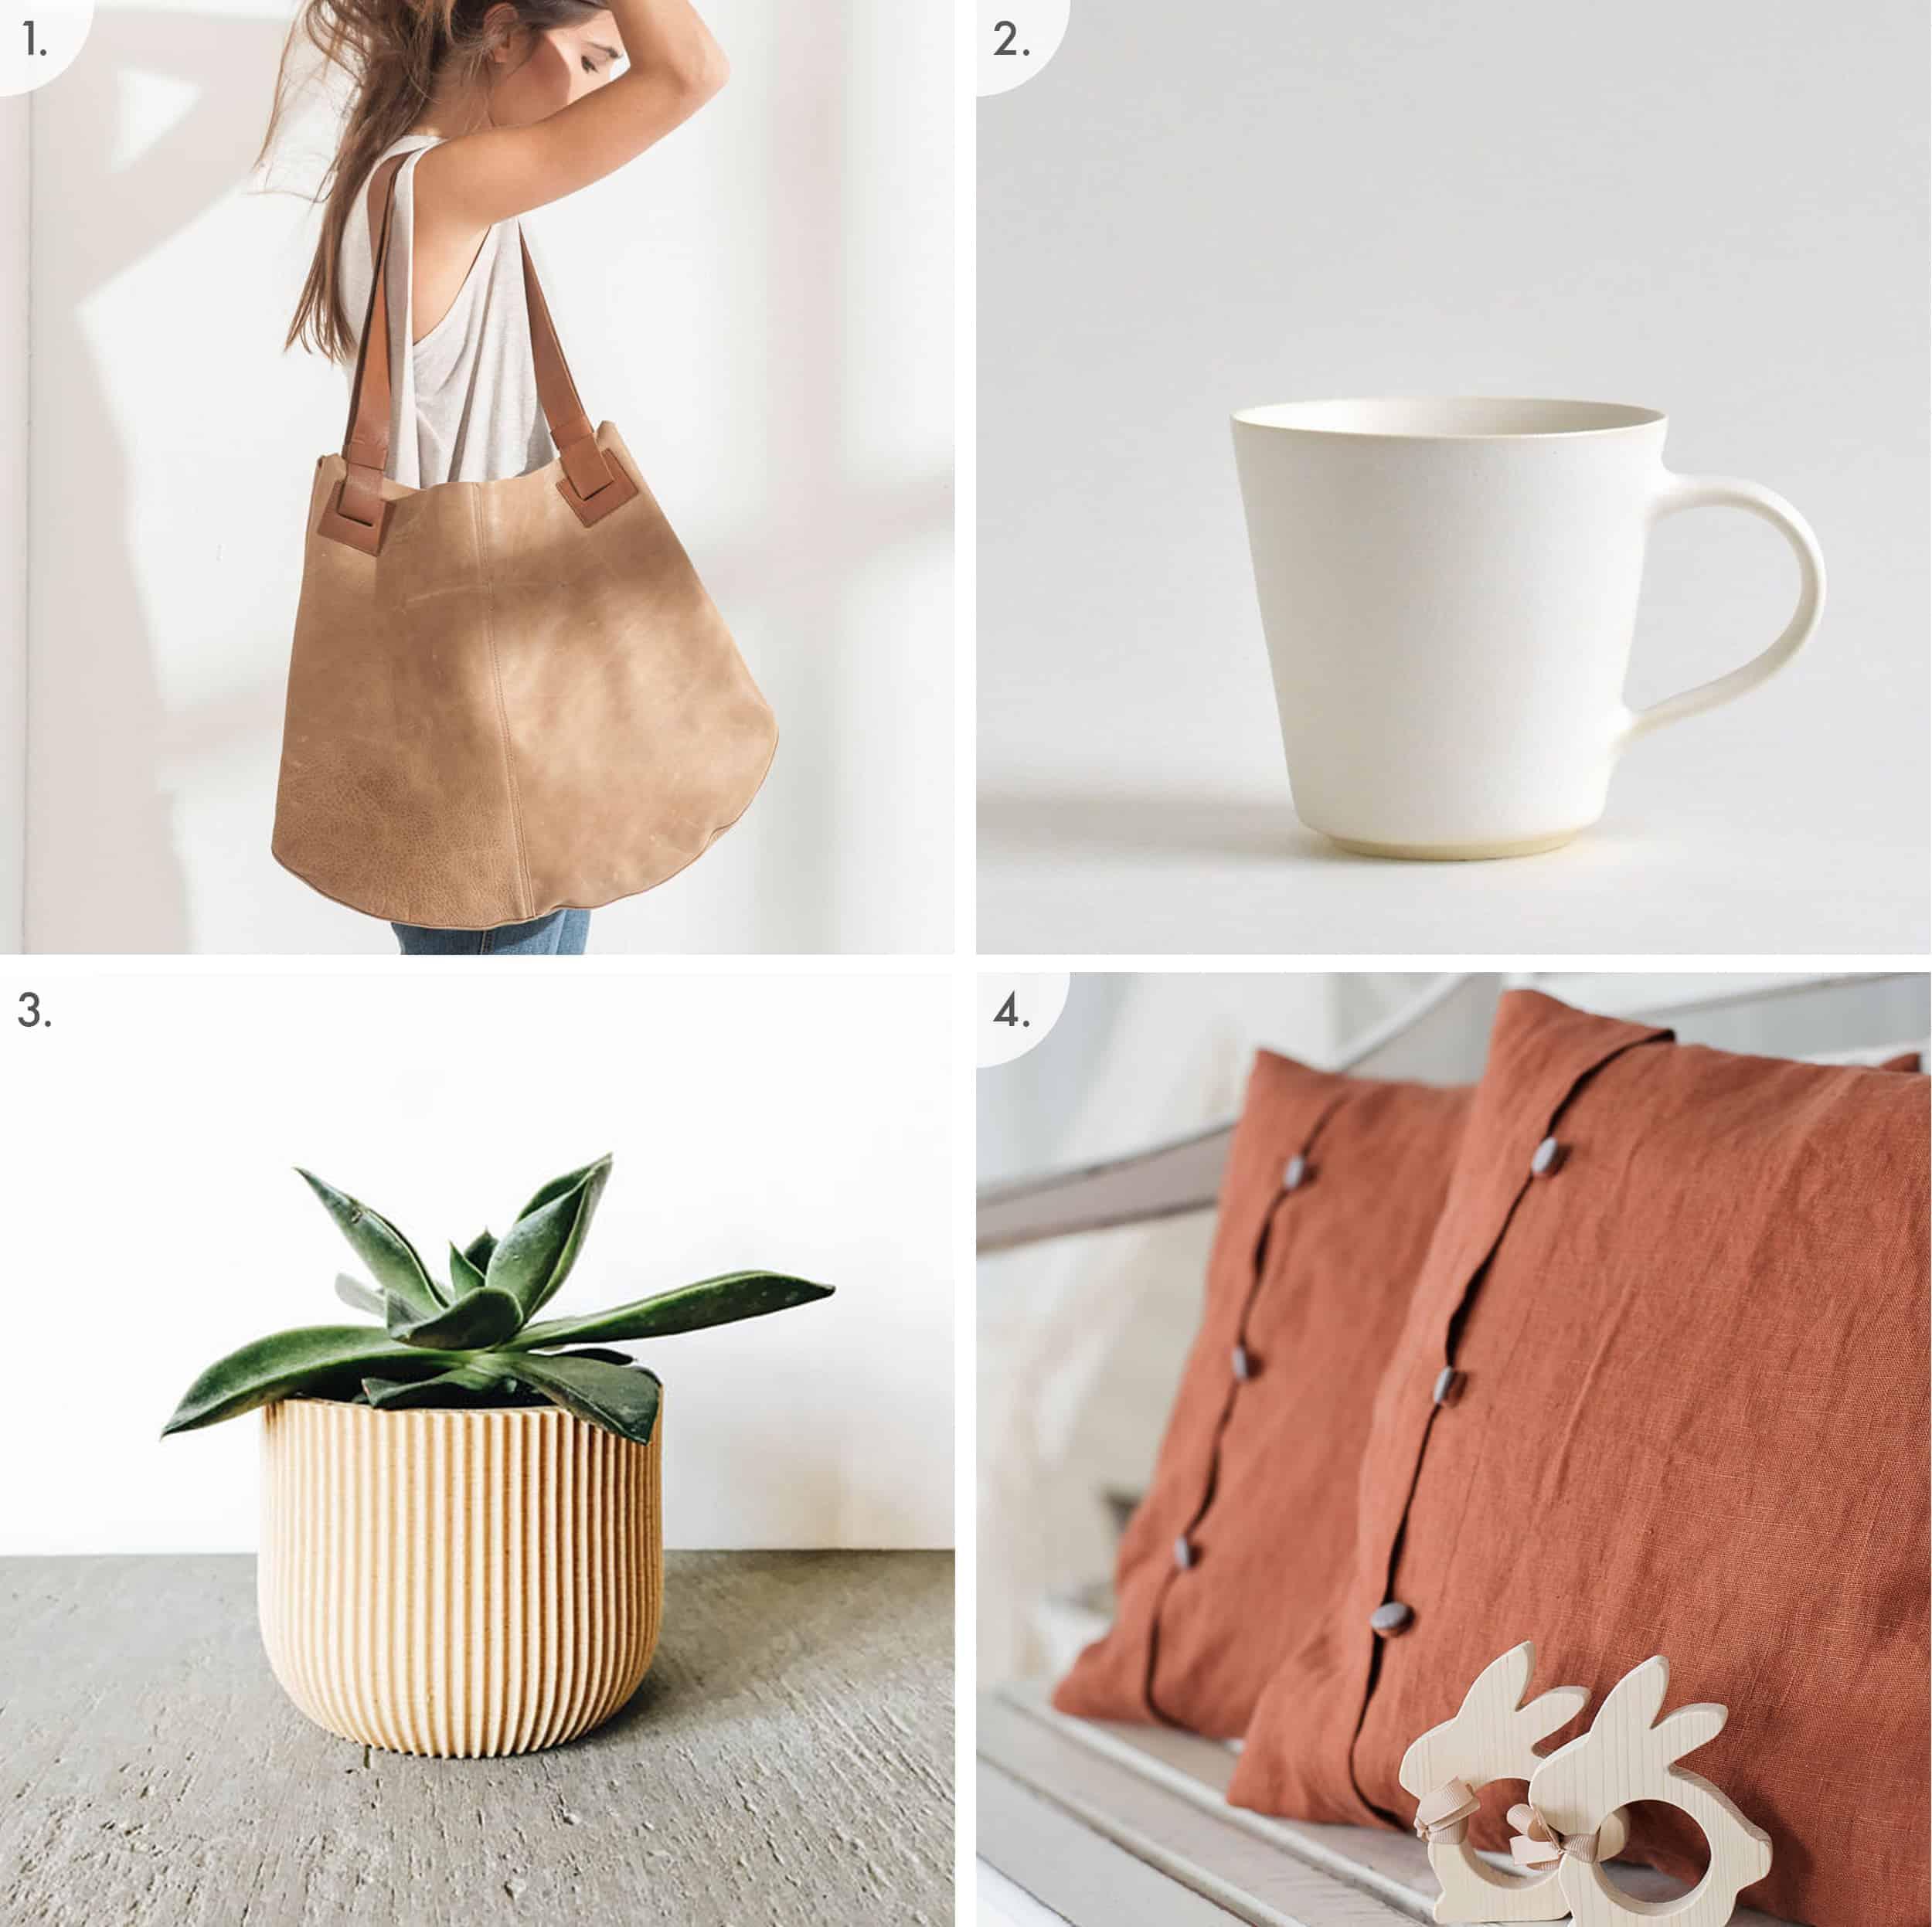 Purse Mug Clock Pillow1